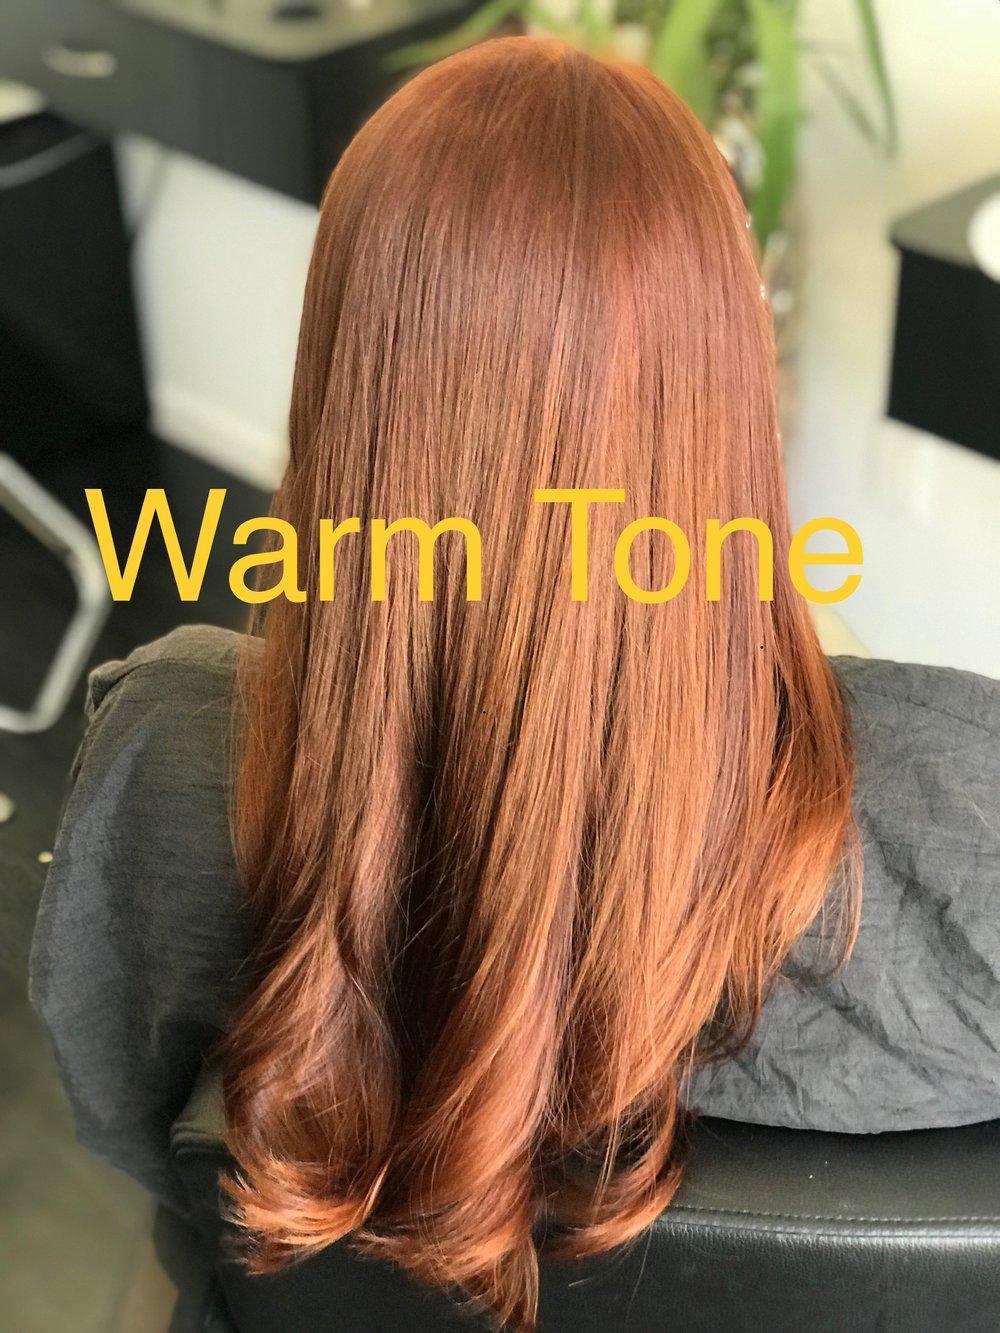 Warm tone hair 2